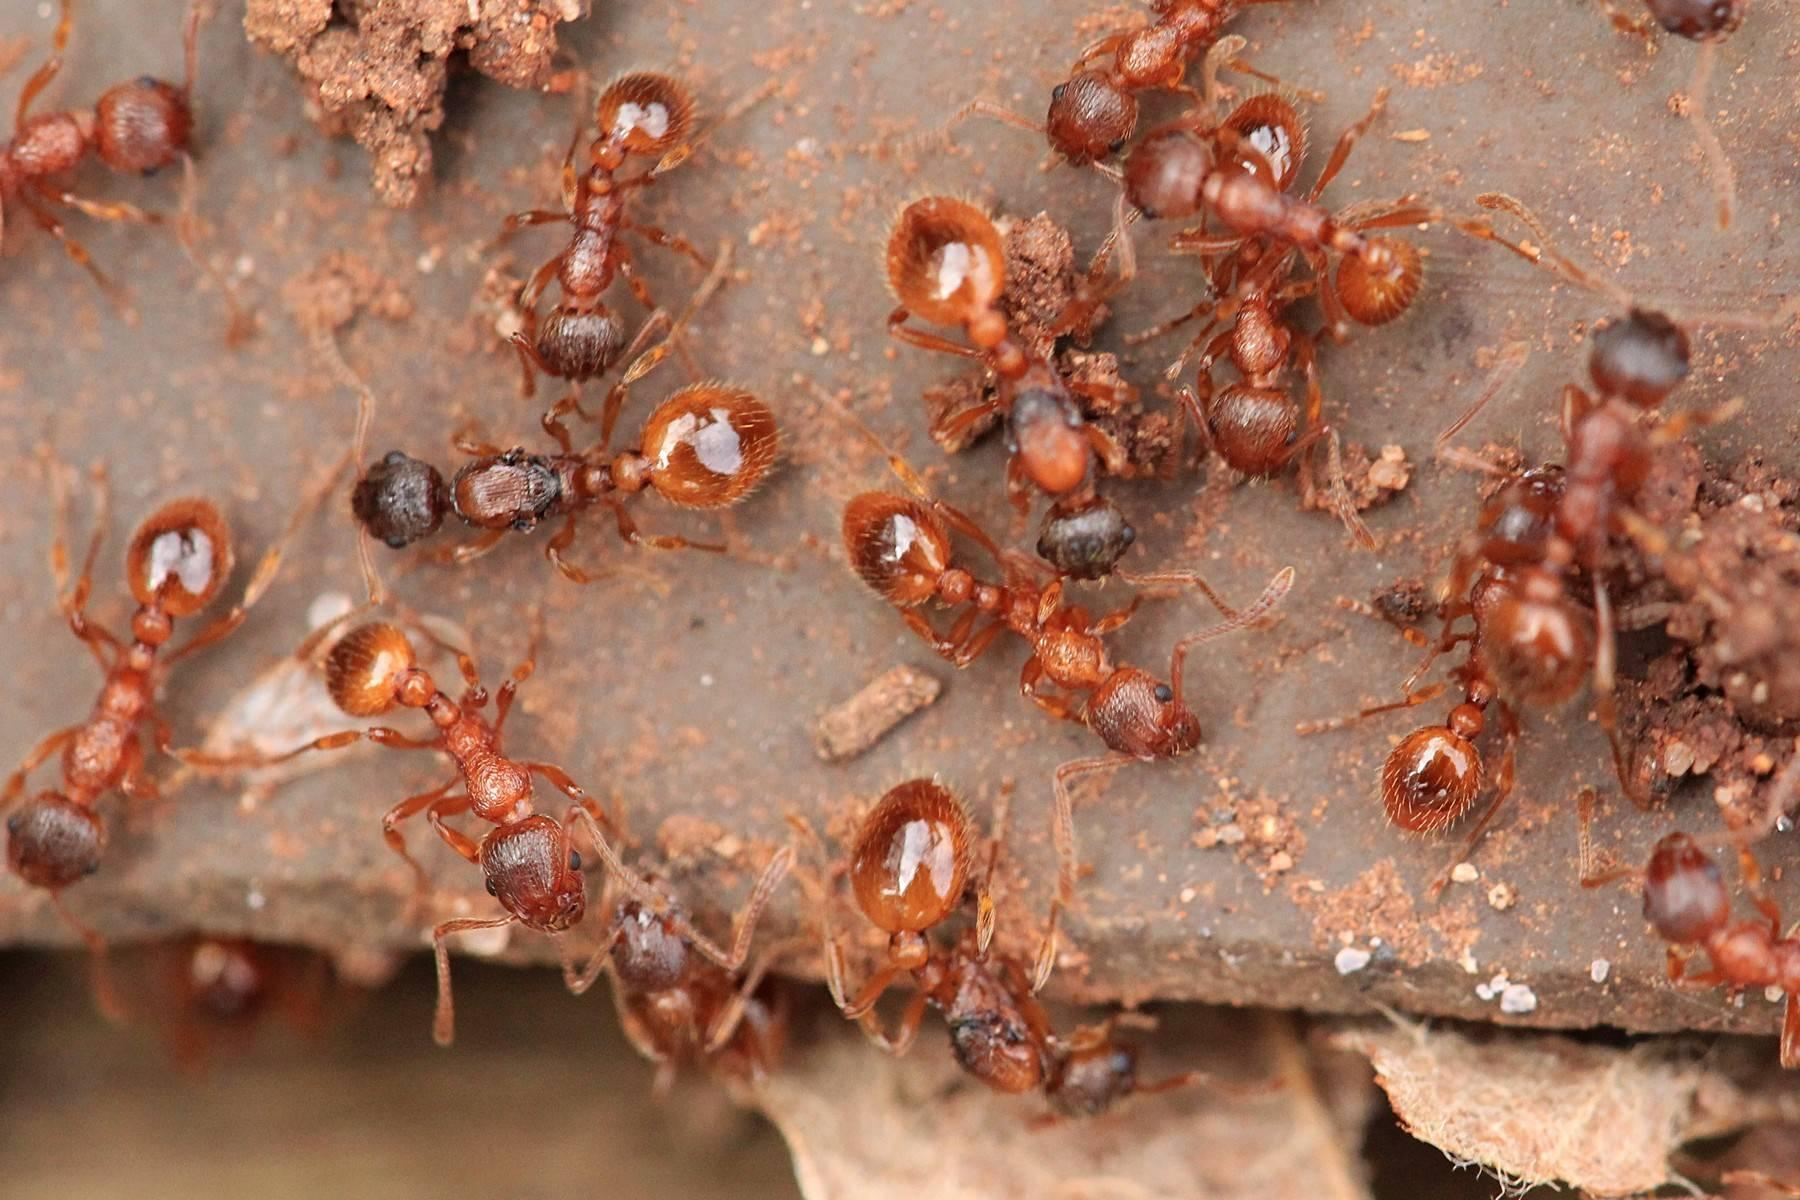 Сонник клещи муравьи паук тля зеленая. к чему снится клещи муравьи паук тля зеленая видеть во сне - сонник дома солнца